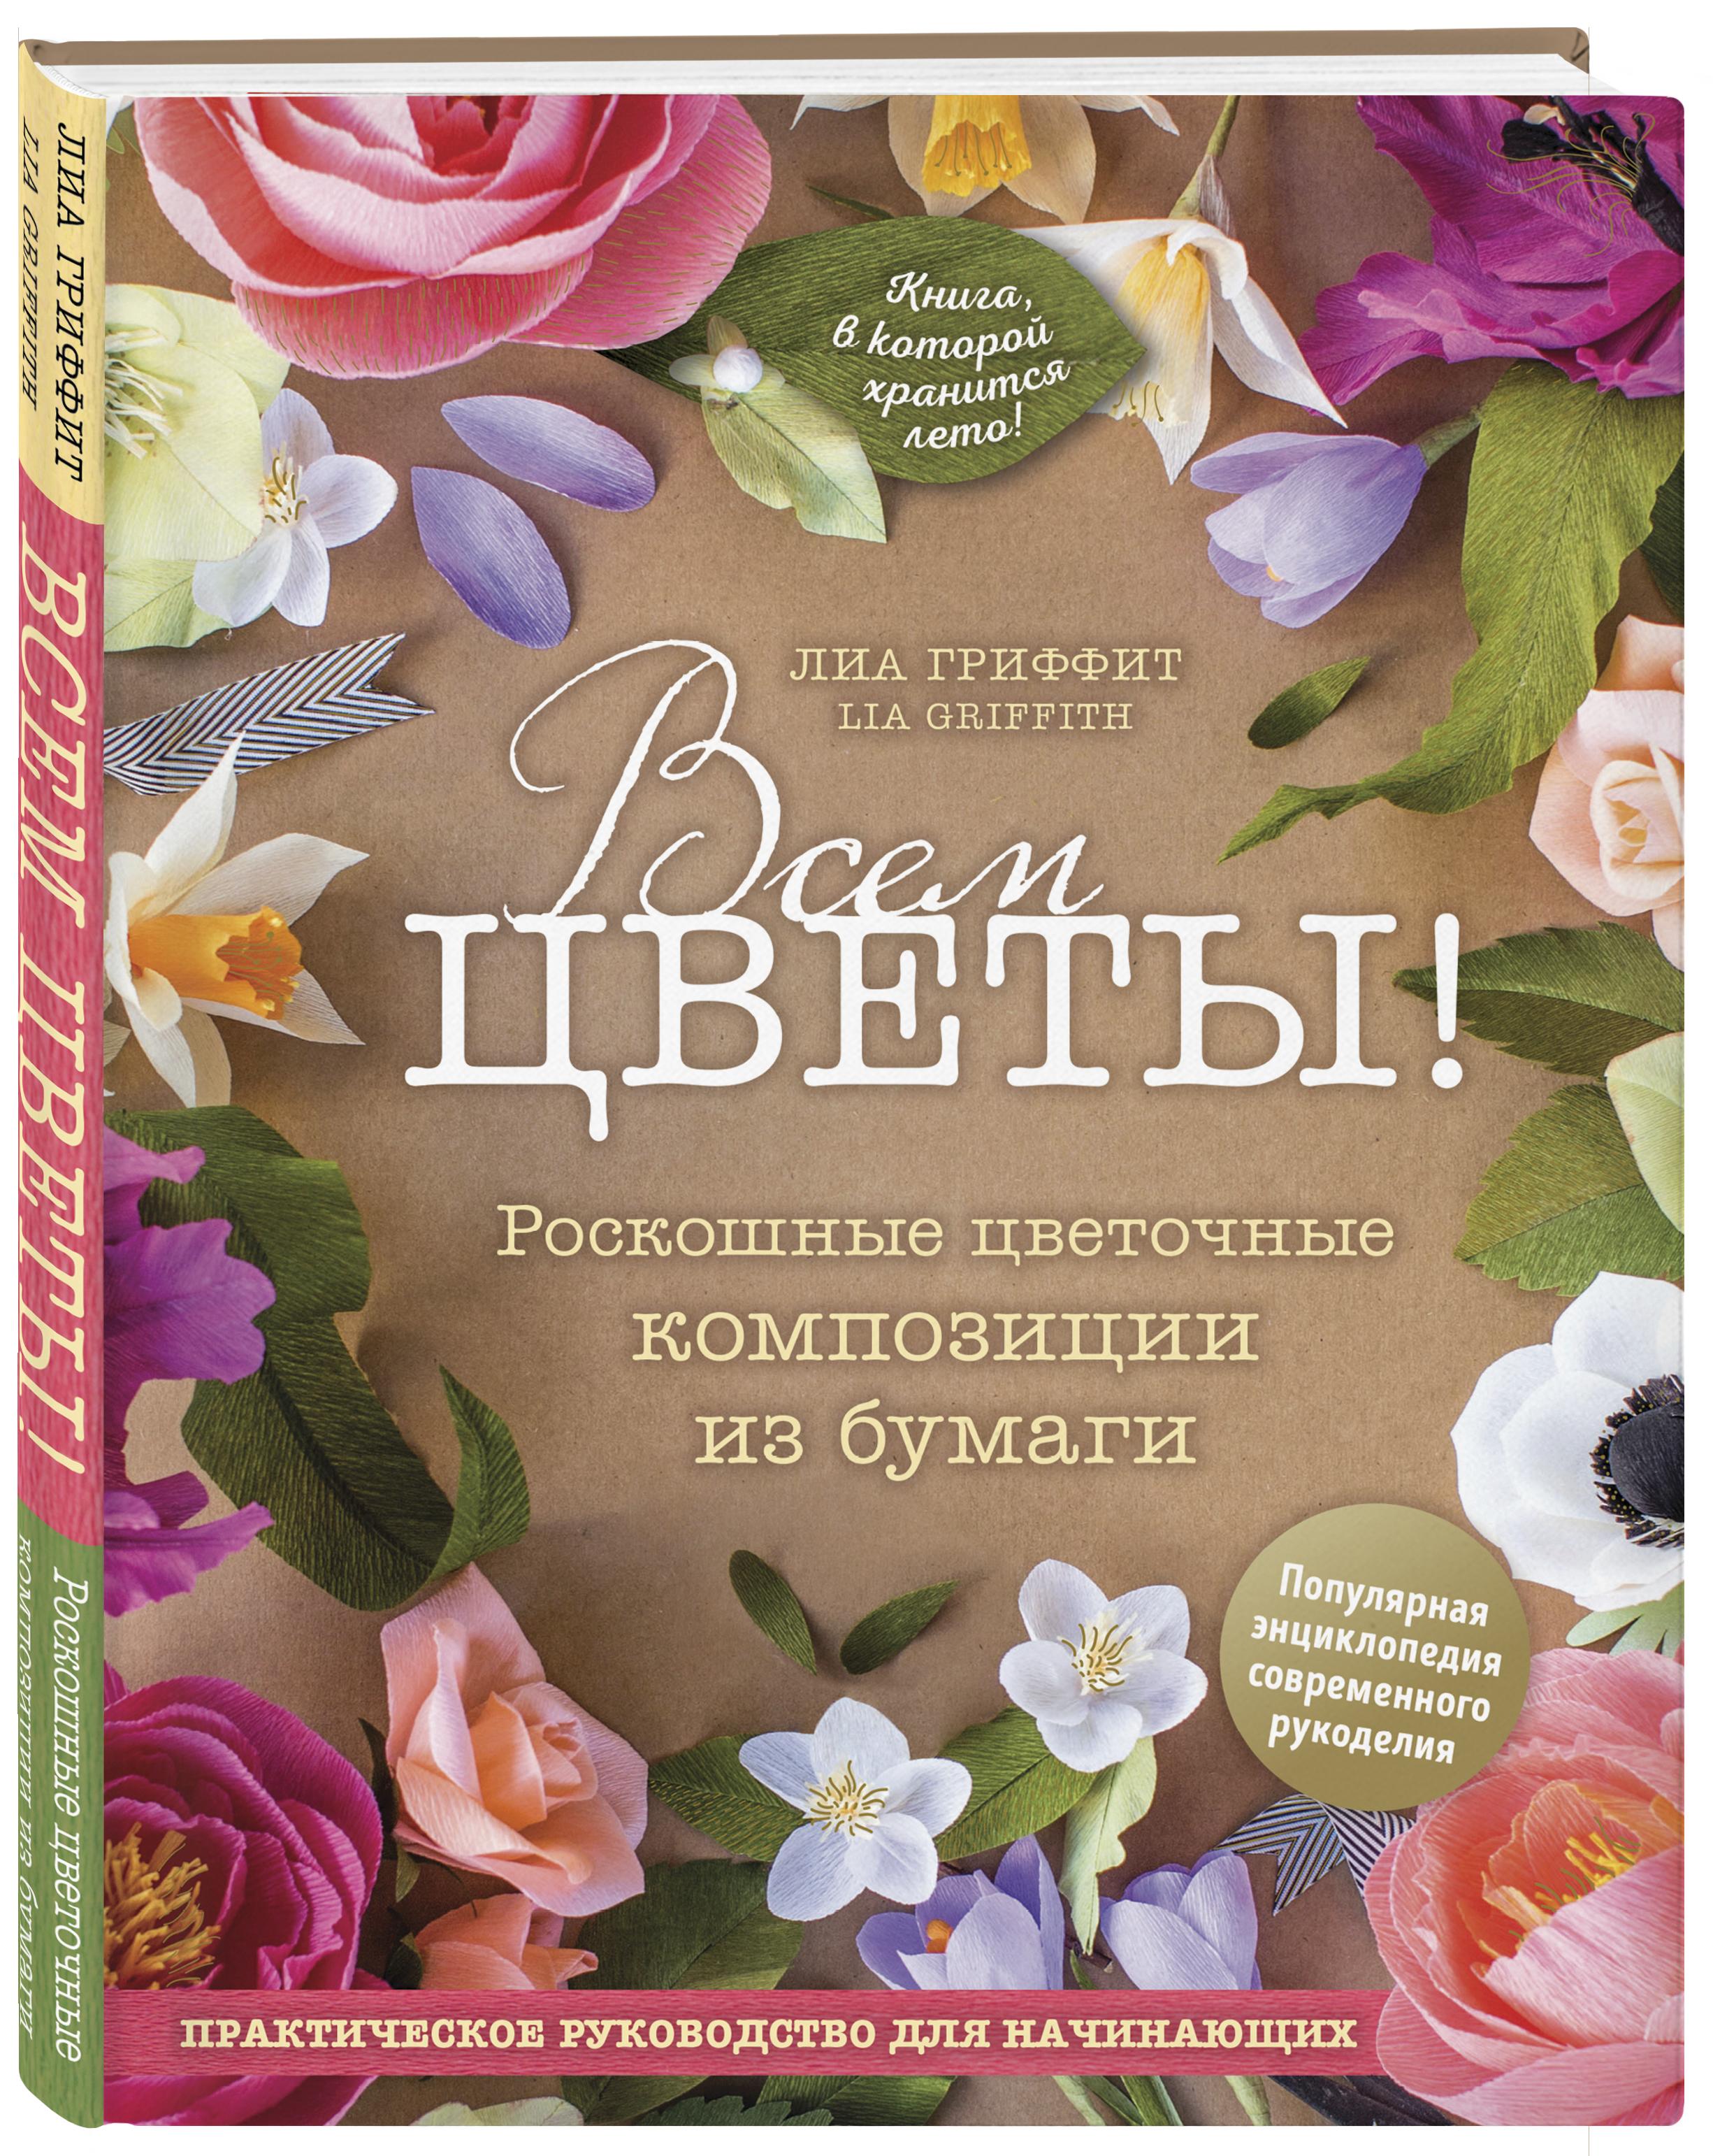 Гриффит Лиа Всем цветы! Роскошные цветочные композиции из бумаги. Практическое руководство для начинающих